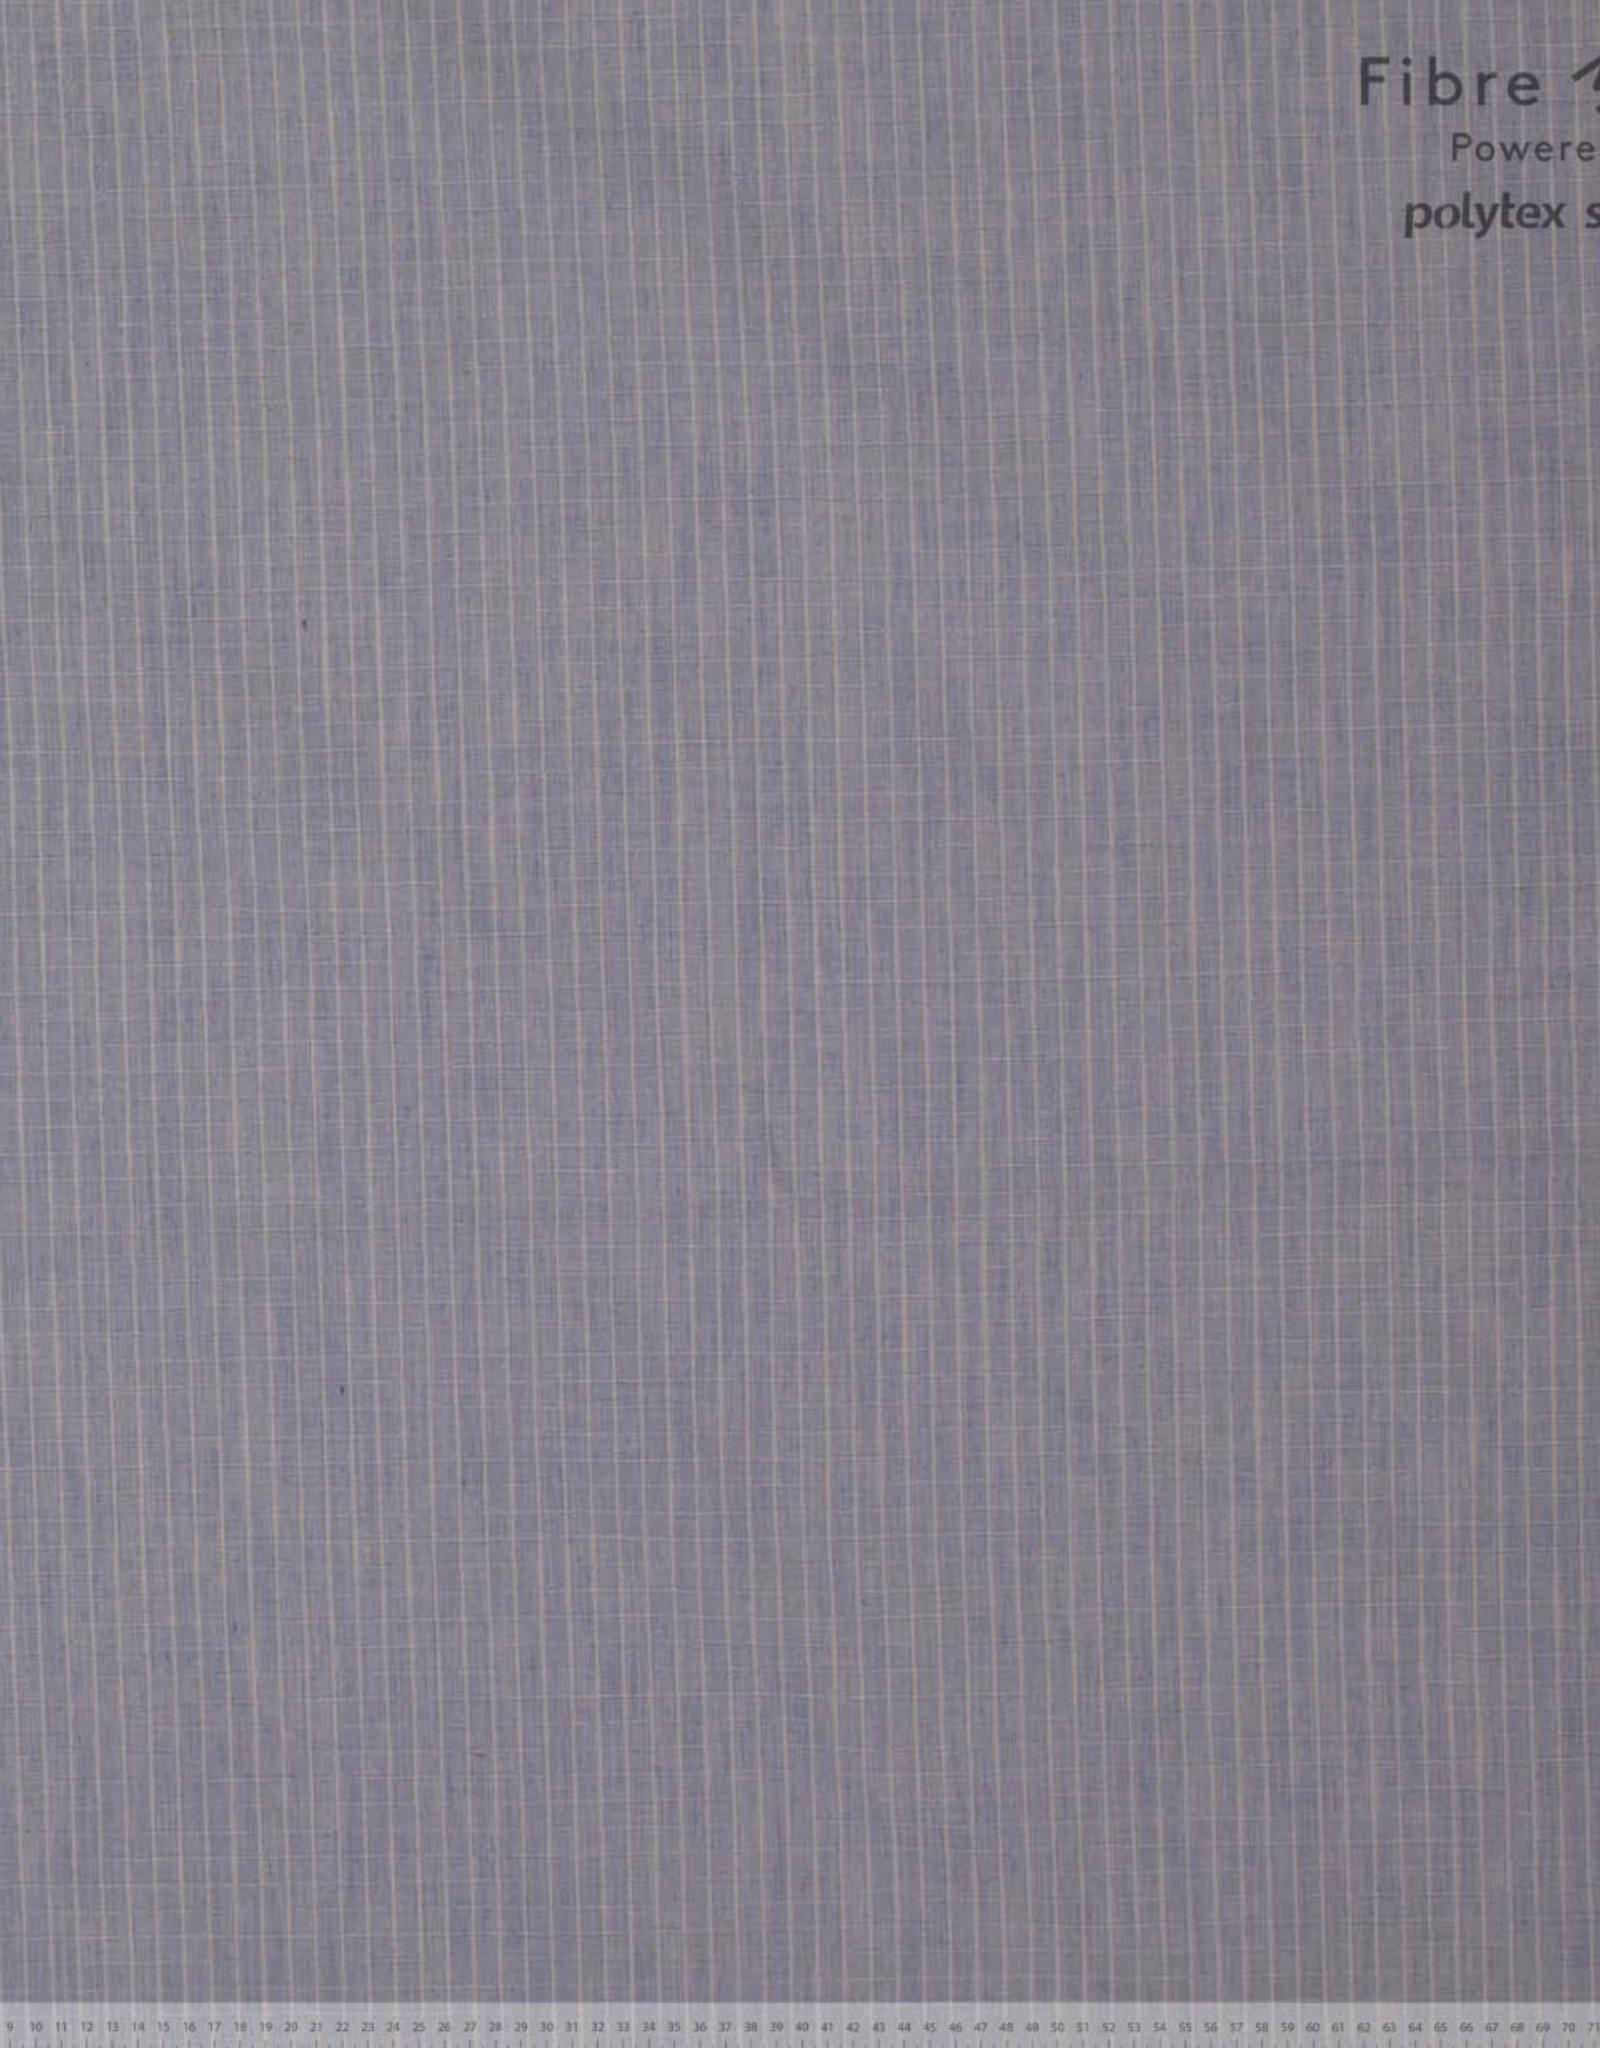 Fibre Mood Fibre Mood editie 15 Katoen ckeck blauw (Dolly)